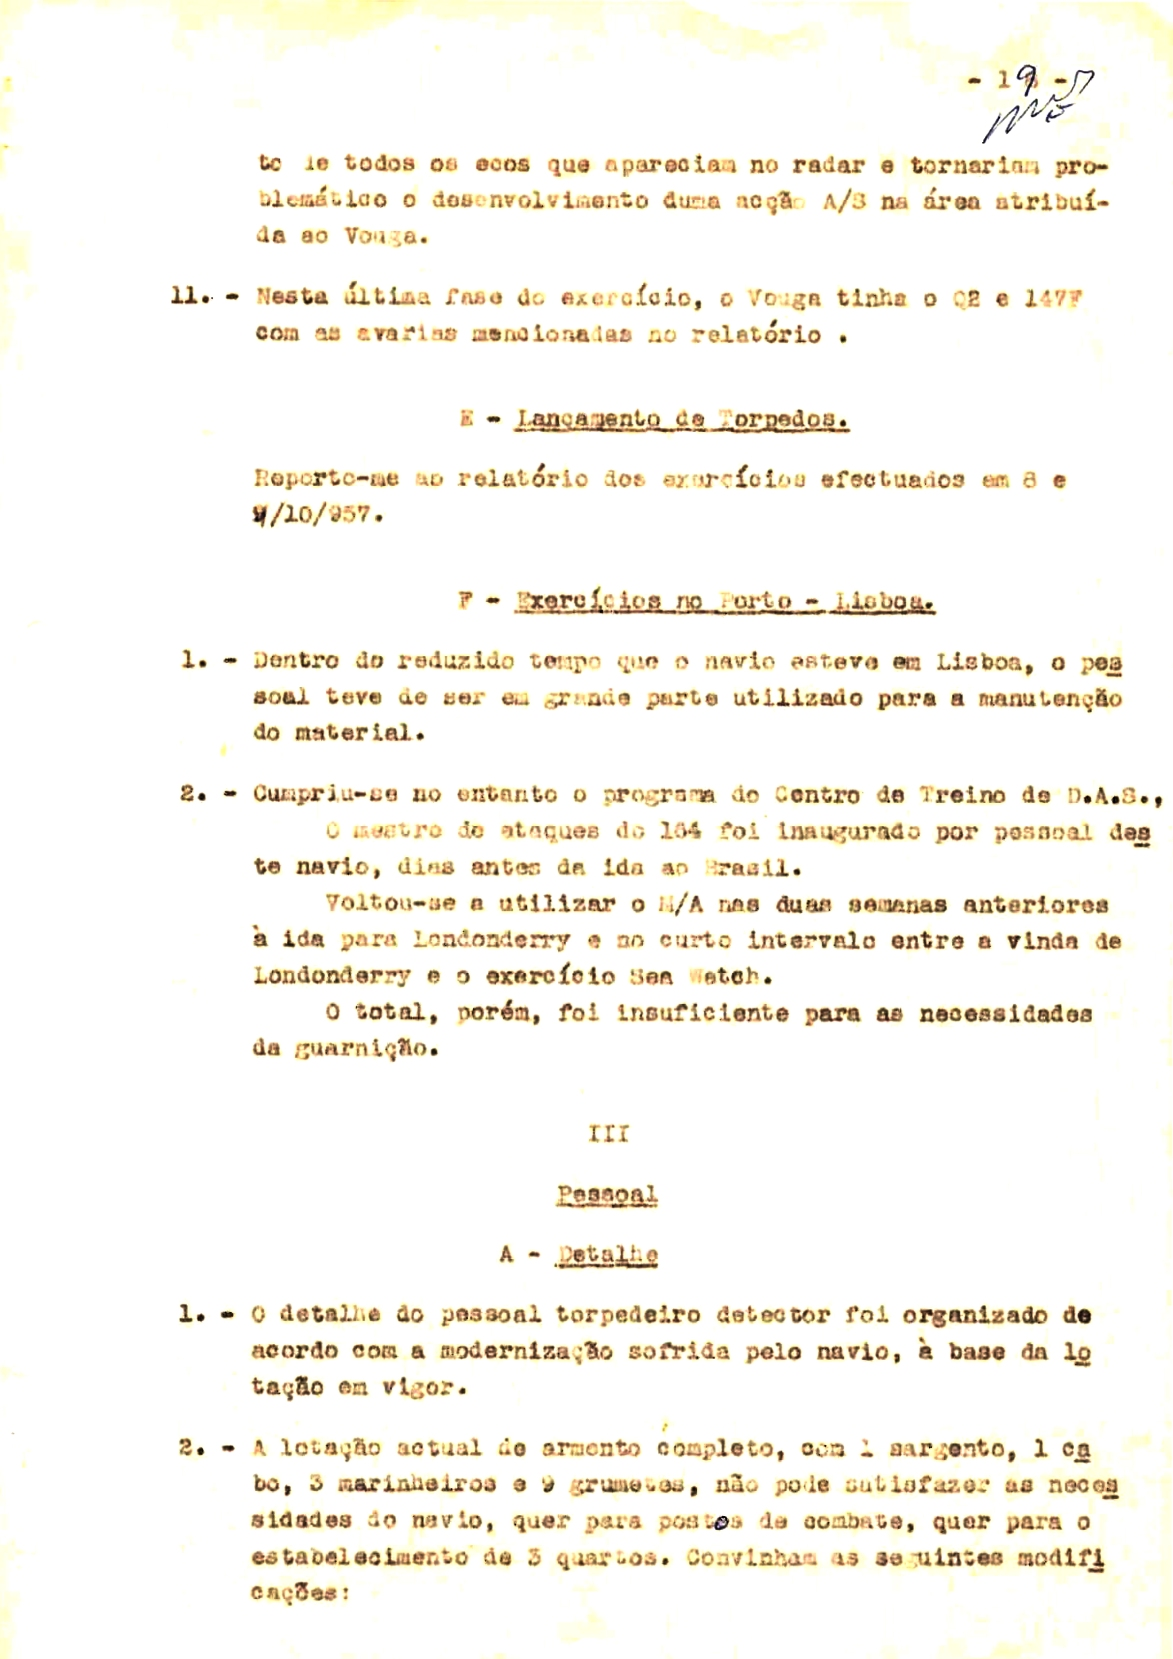 00356 57-10-21 cópia do Relatório do Chefe do Serviço de Armas Submarina do CT Vouga 1º Ten Nunes da Silva-19